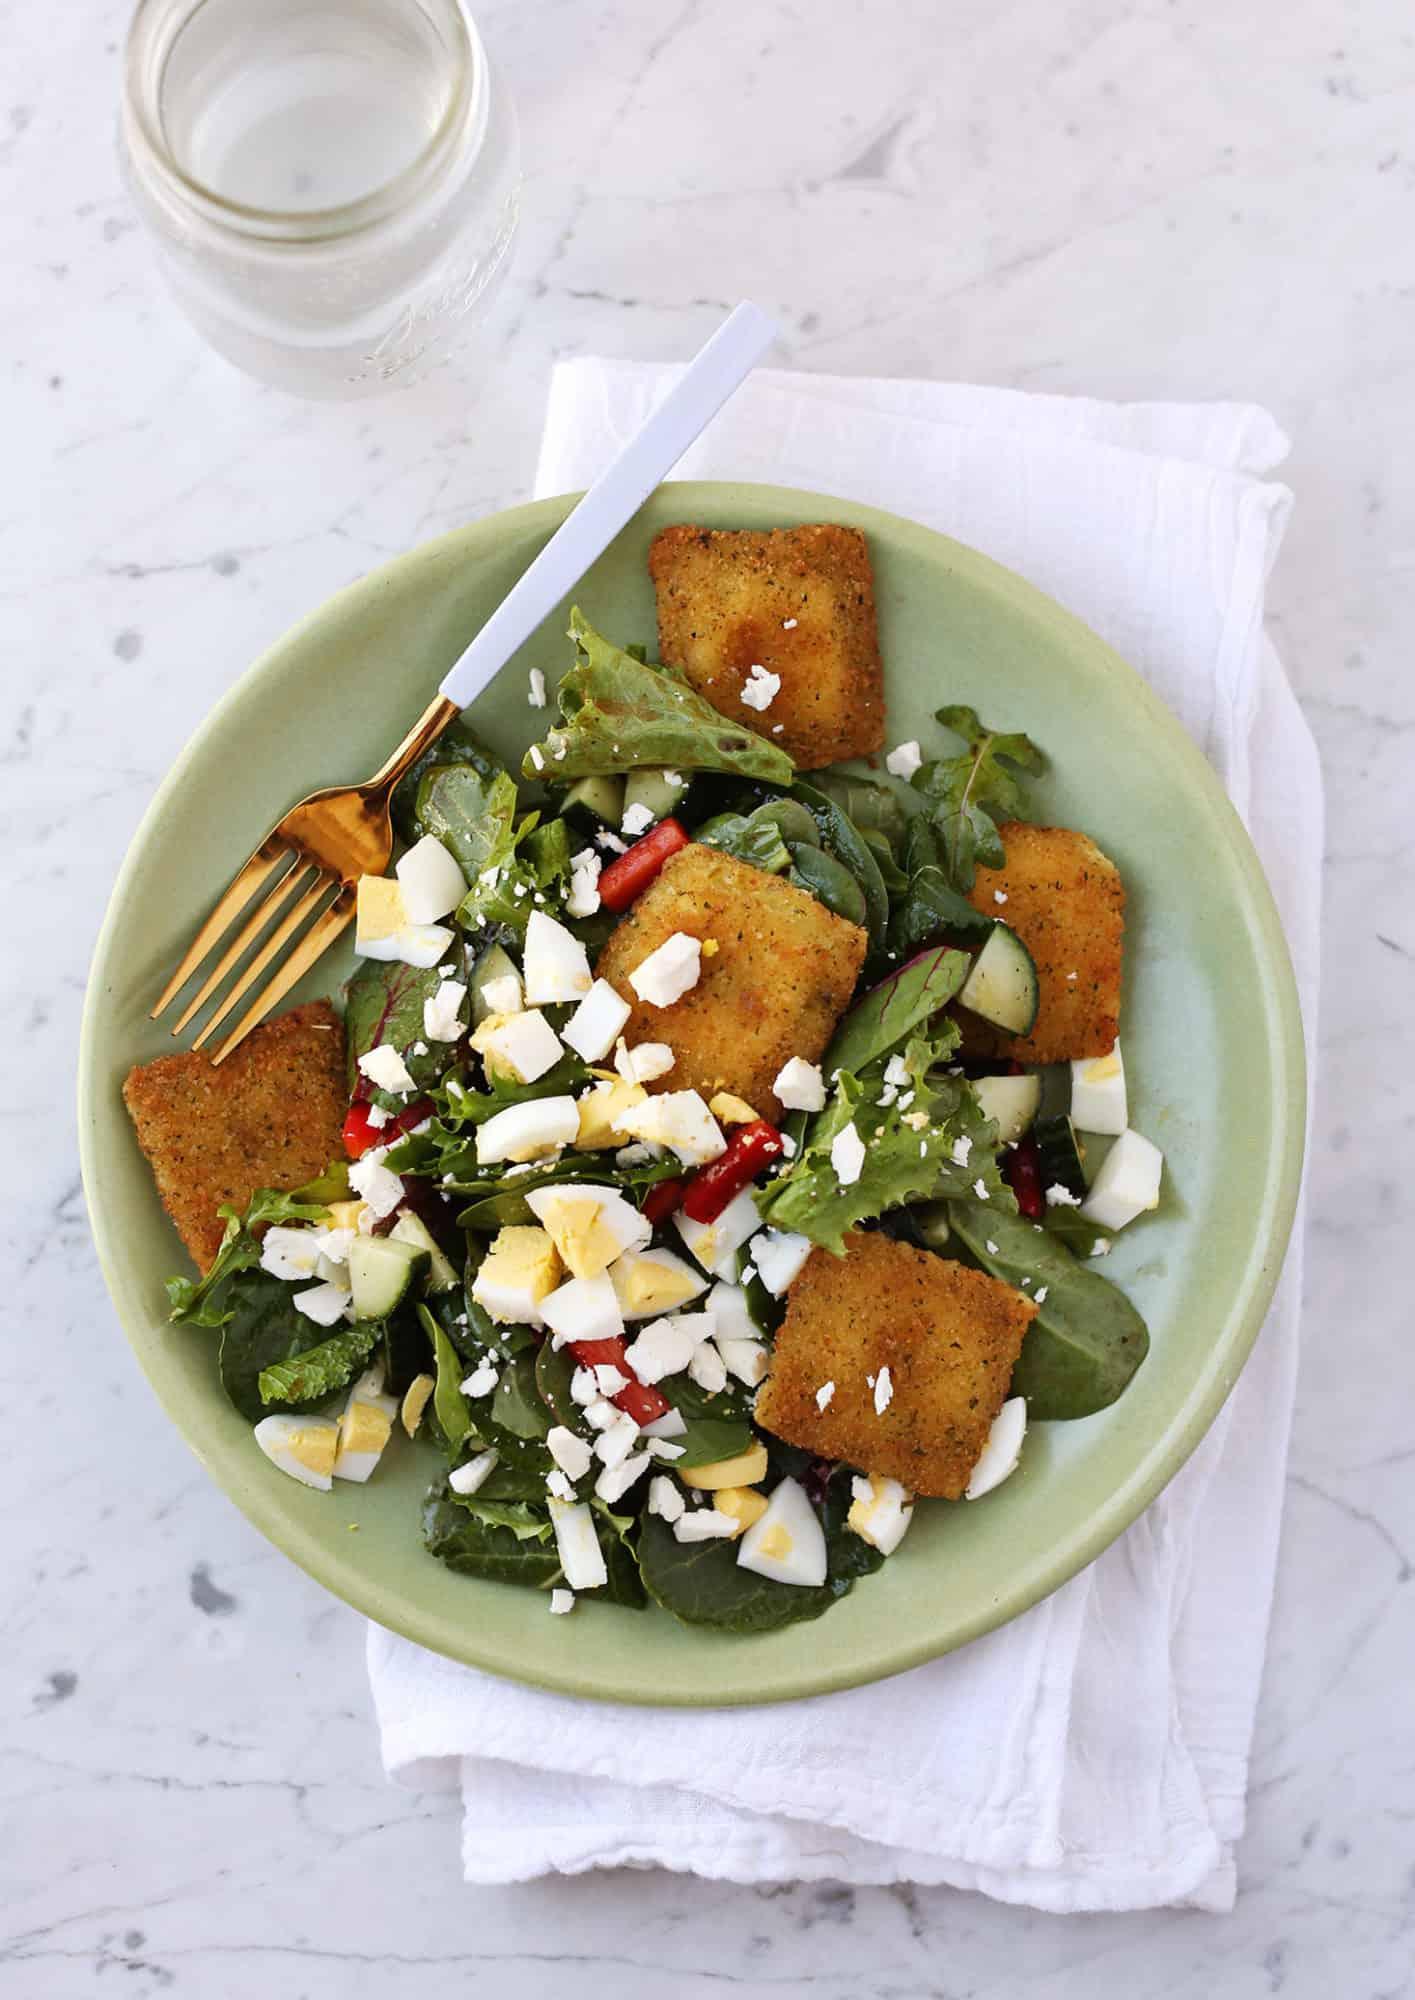 Toated ravioli salad